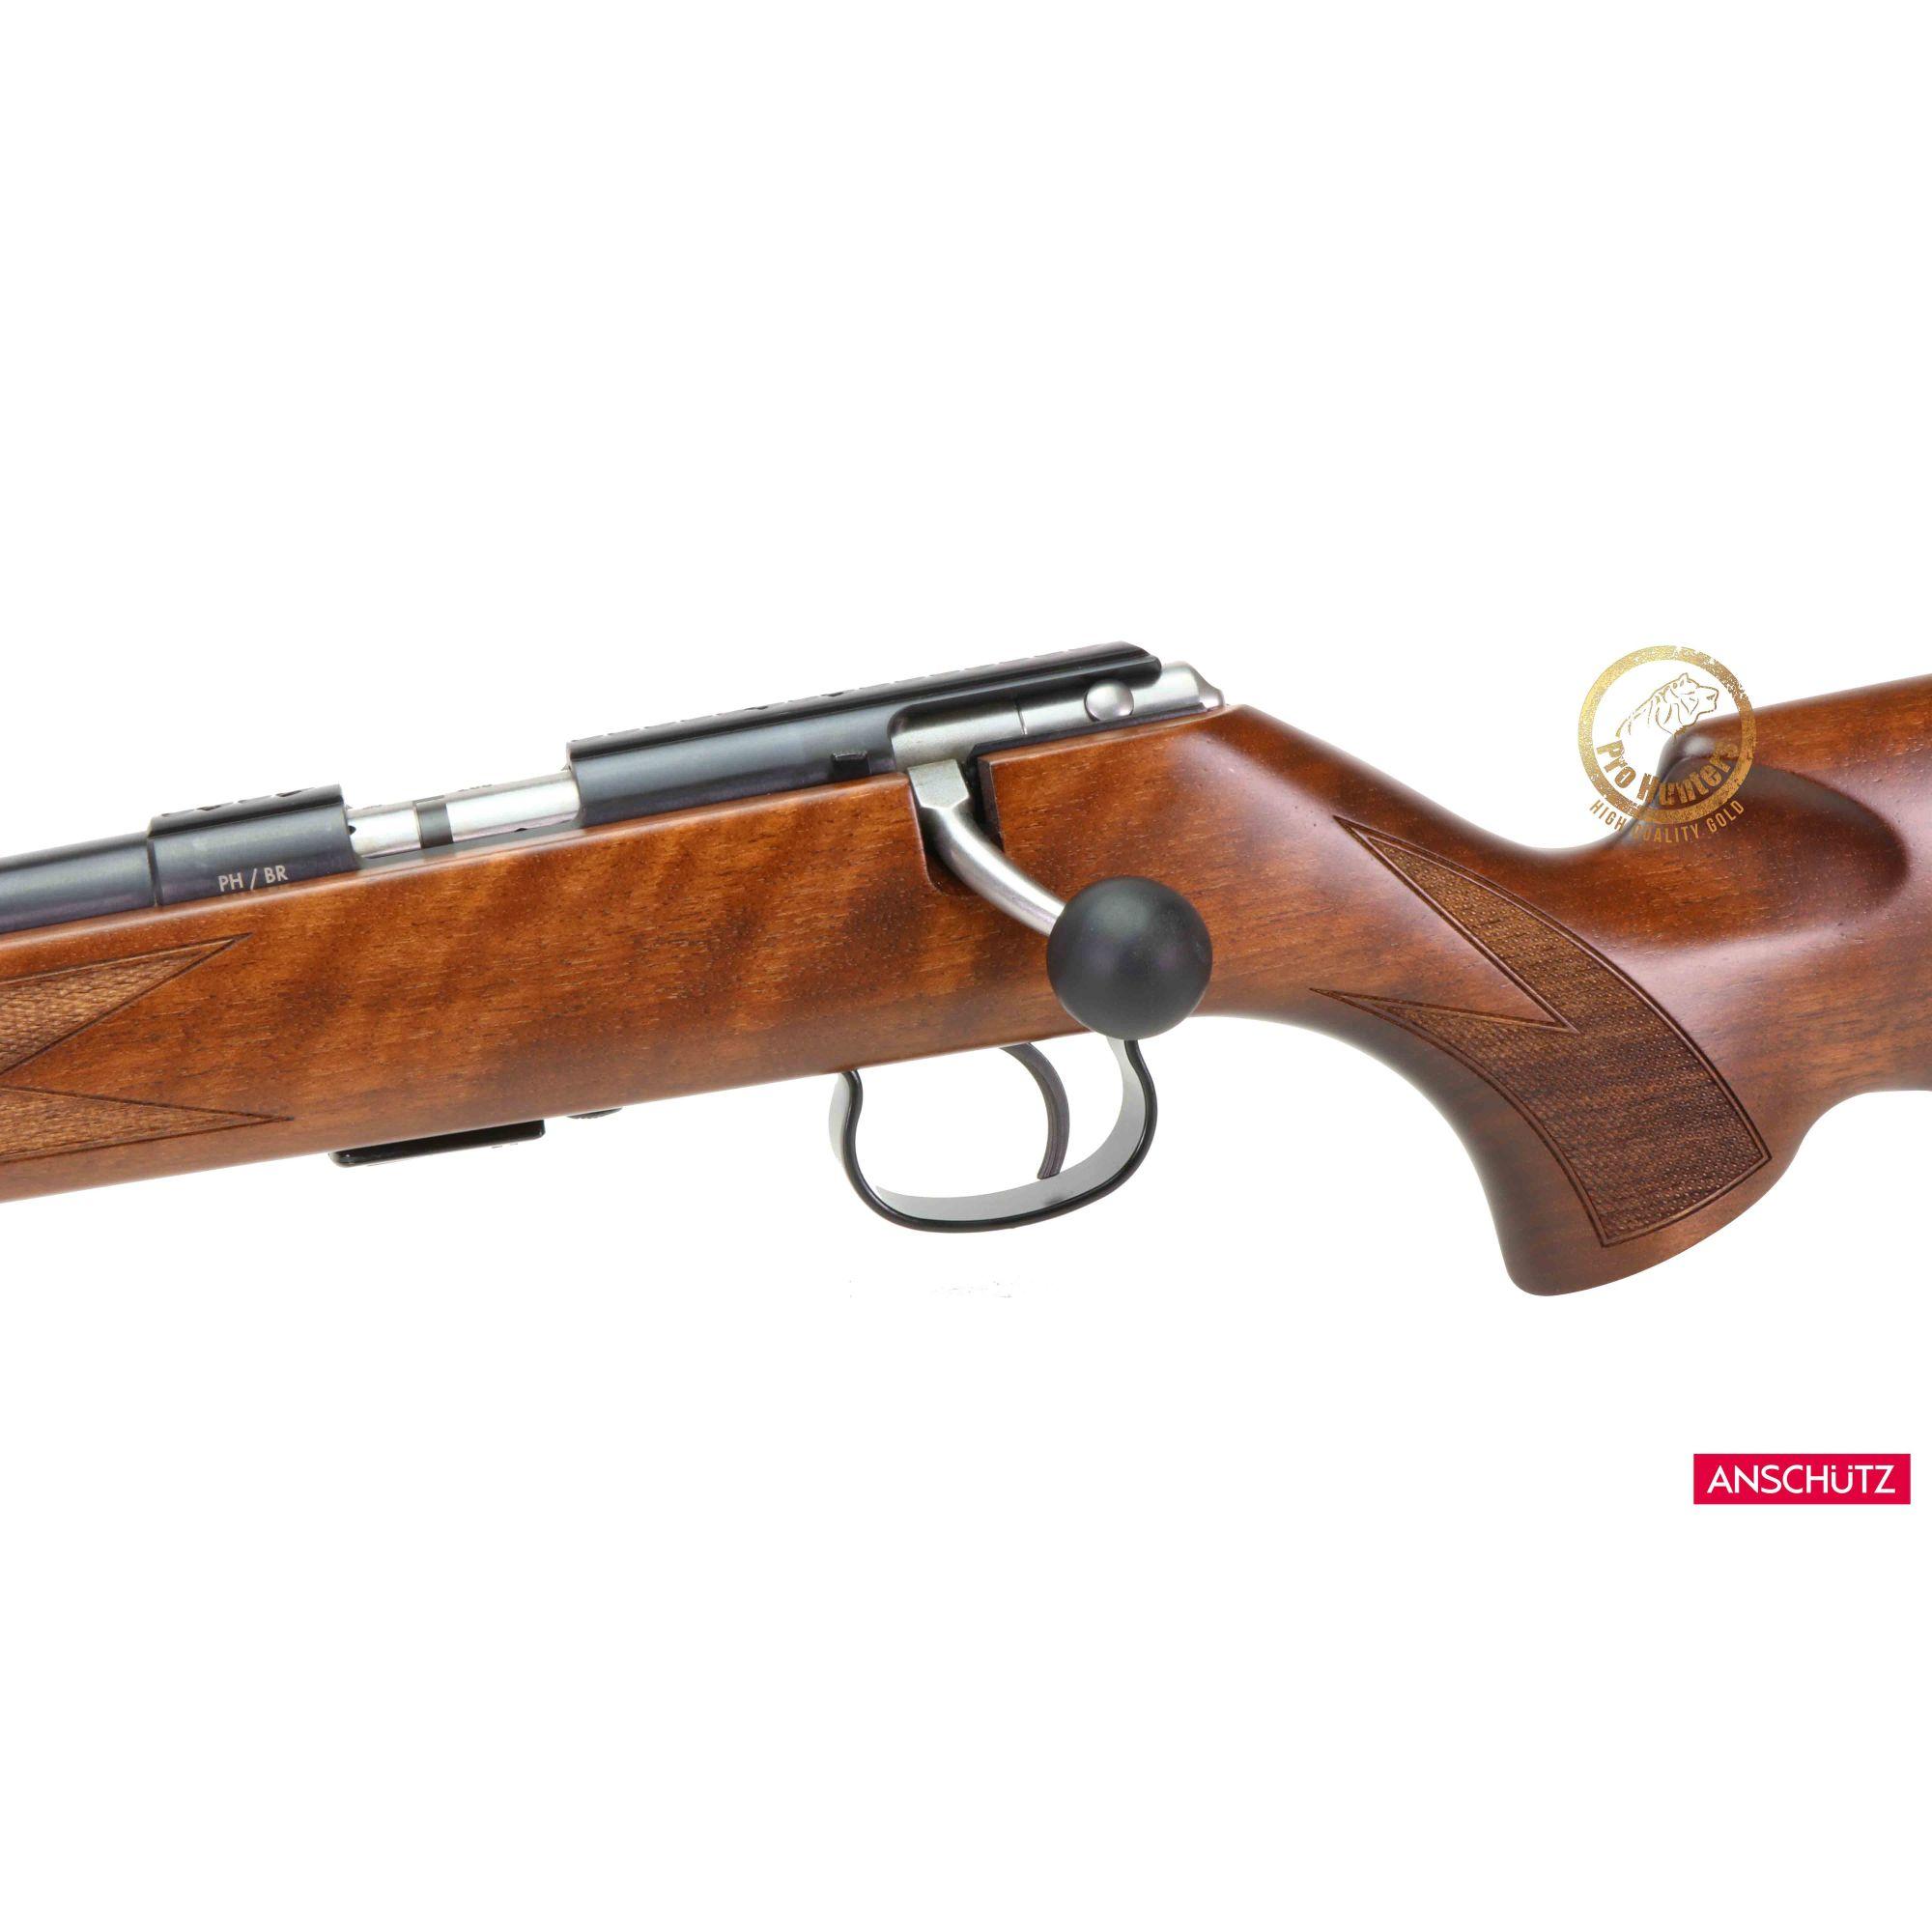 Rifle Anschutz 1416L (canhoto) D HB G Classic - 18 Polegadas - Calibre .22 LR